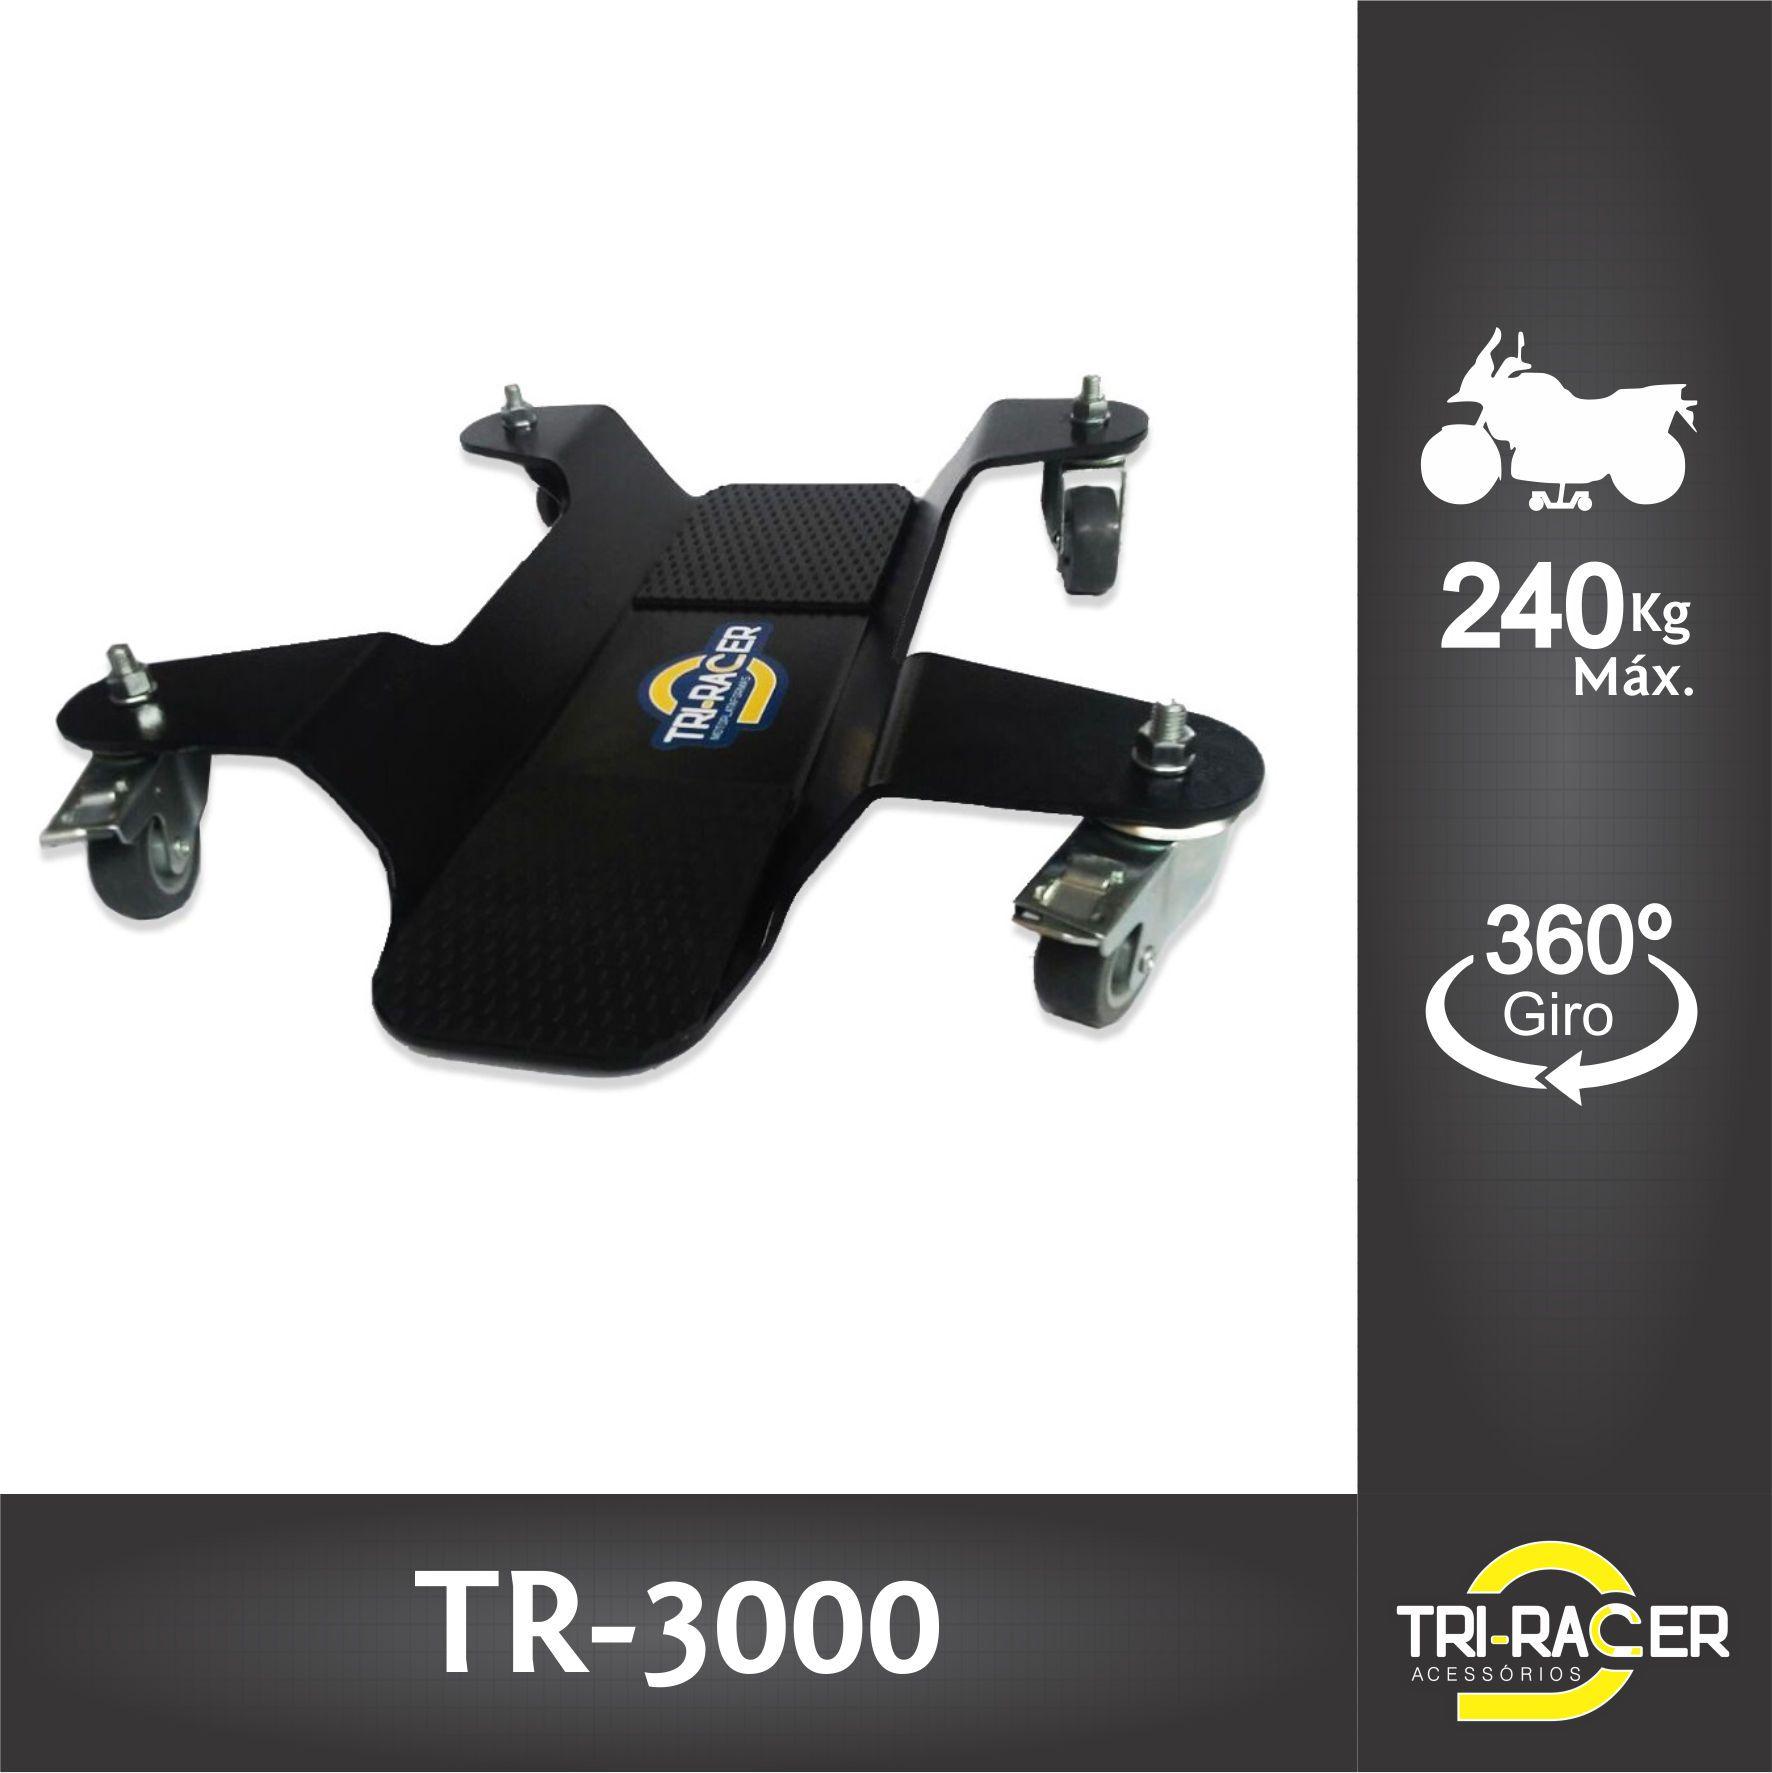 Moto Plataforma P/ Estacionar  Tr-3000 - até 240kg